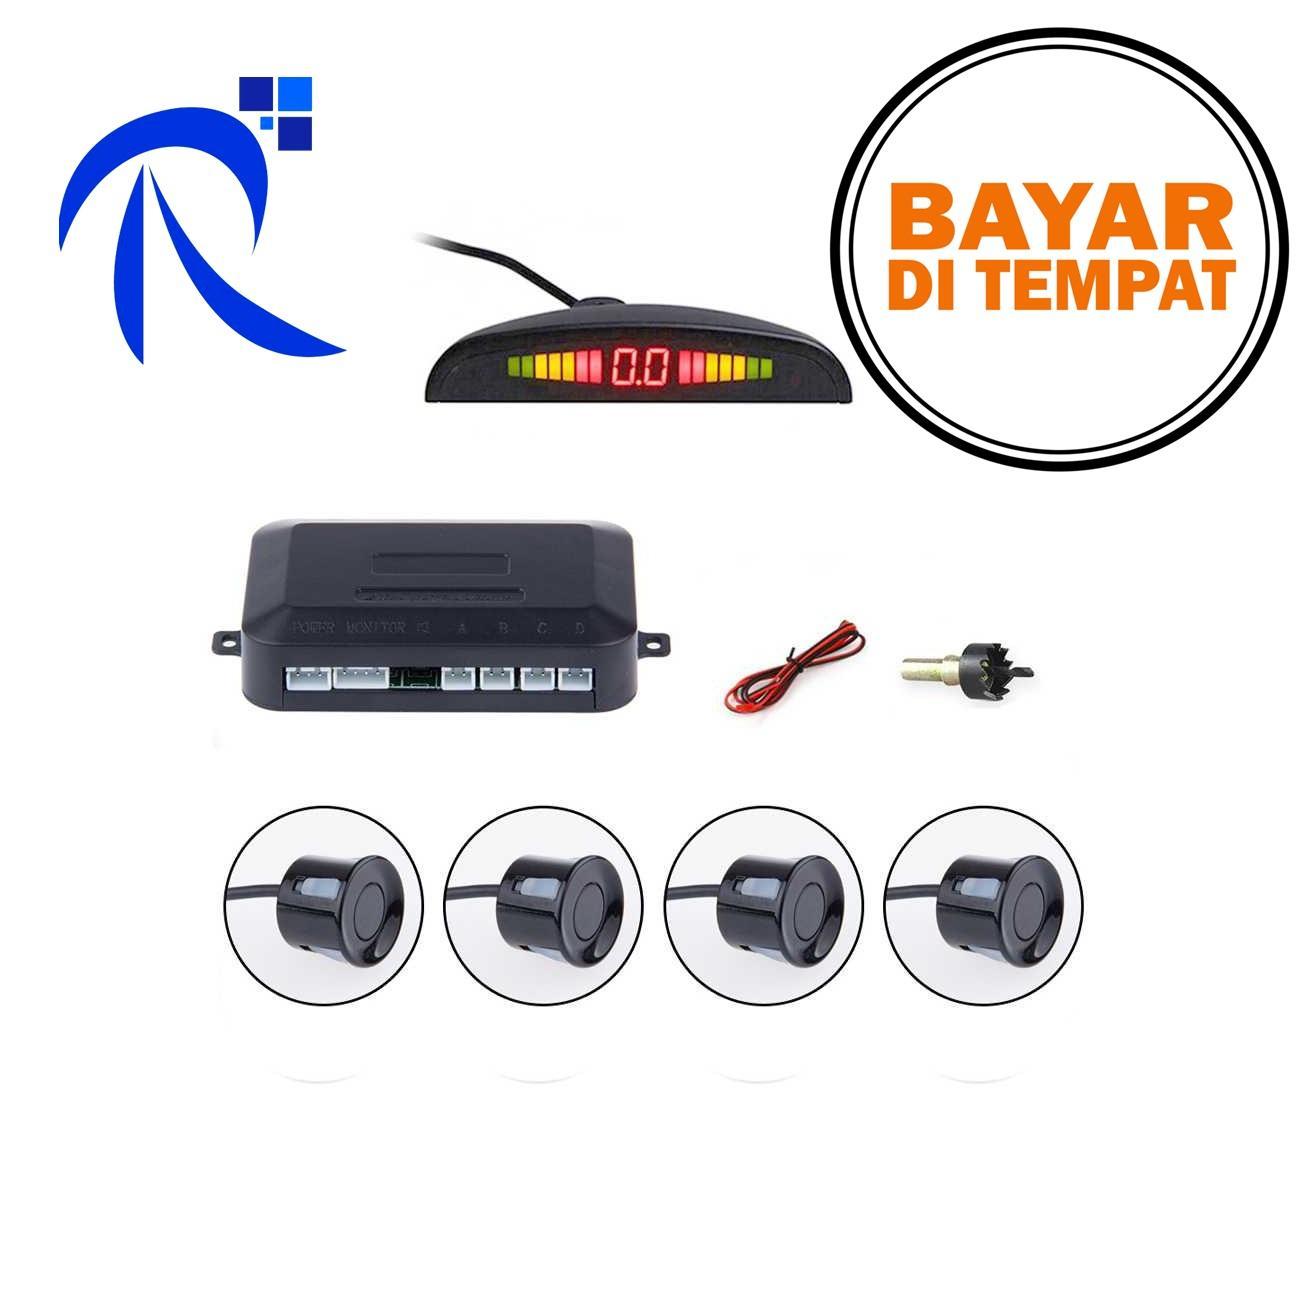 Rimas COD Parktronic Radar LED dengan 4 Sensor Parkir Mobil - Black / Hitam - Alat Pendeteksi Sistem Sensur Parking Kendaraan Roda Empat Berkualitas - FREE ONGKIR